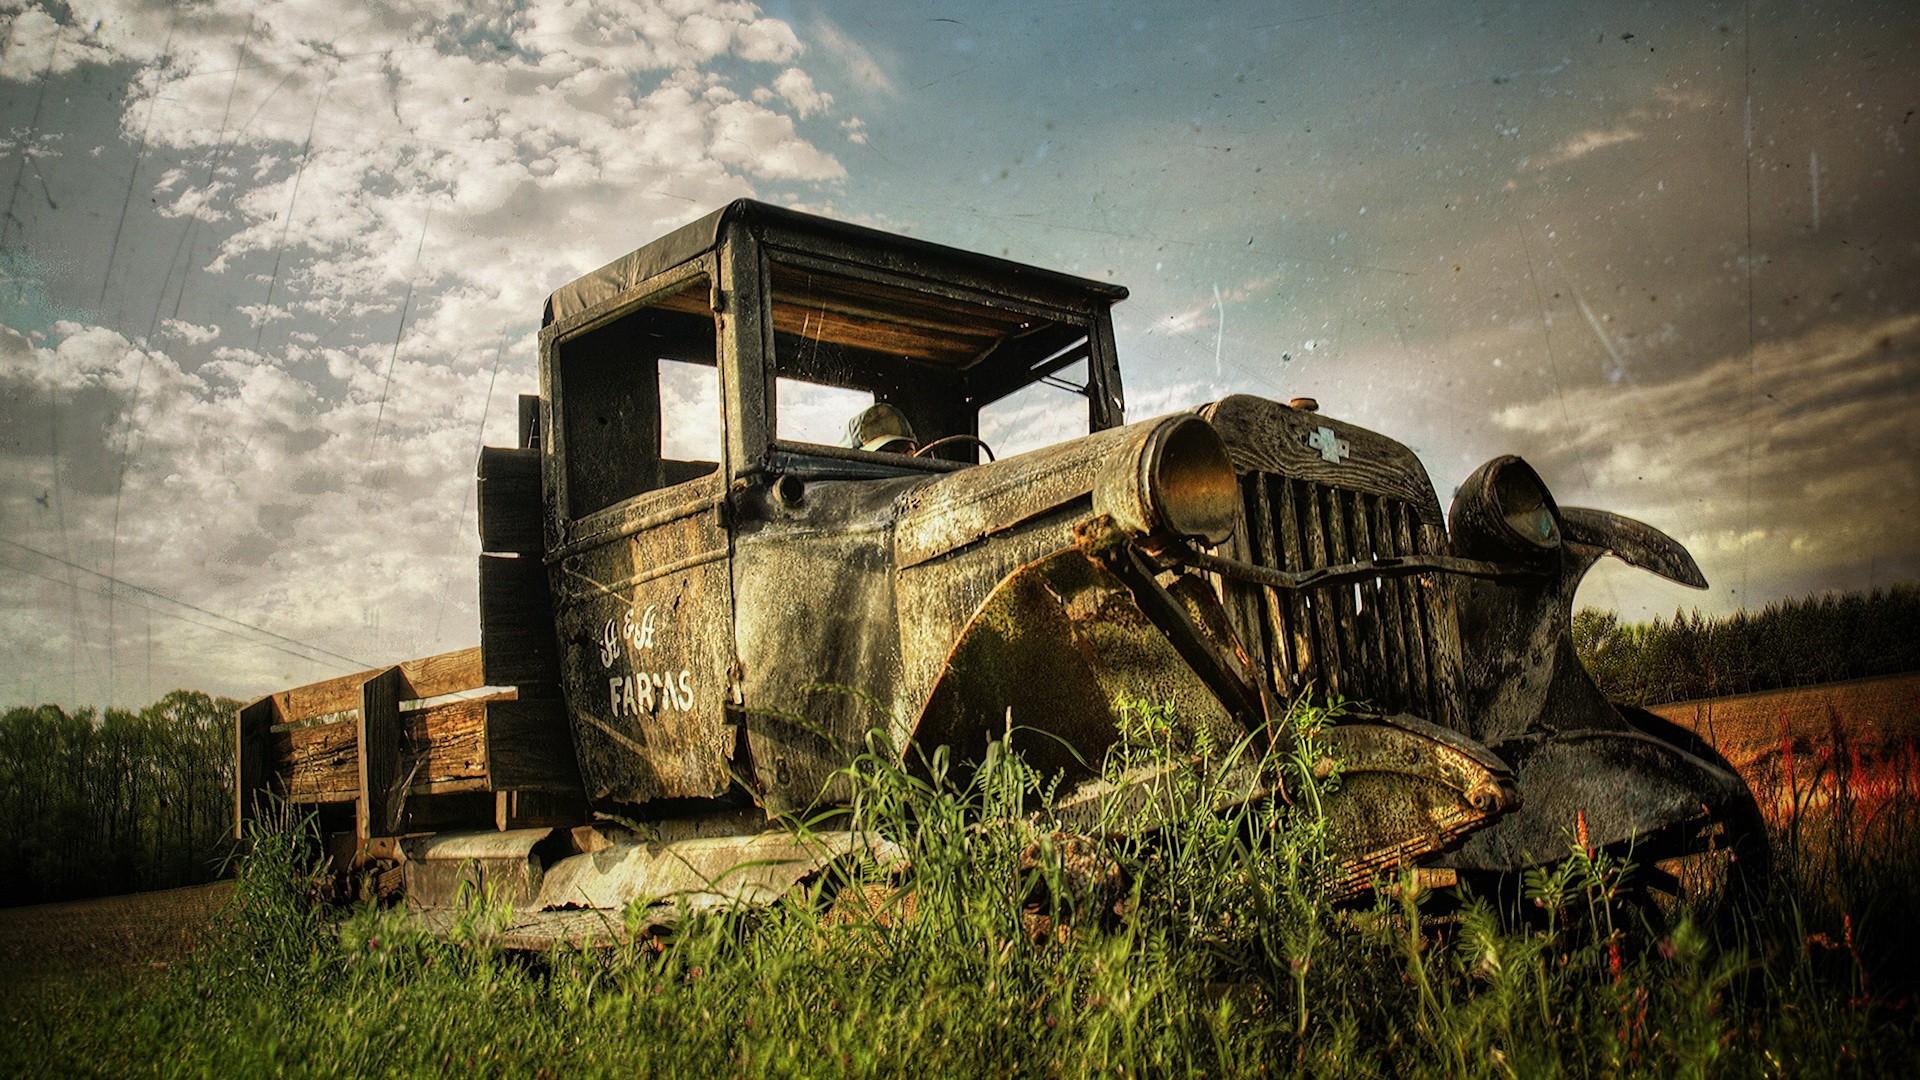 Vintage Trucks Wallpaper 1920x1080 Vintage Trucks Rusty 1920x1080